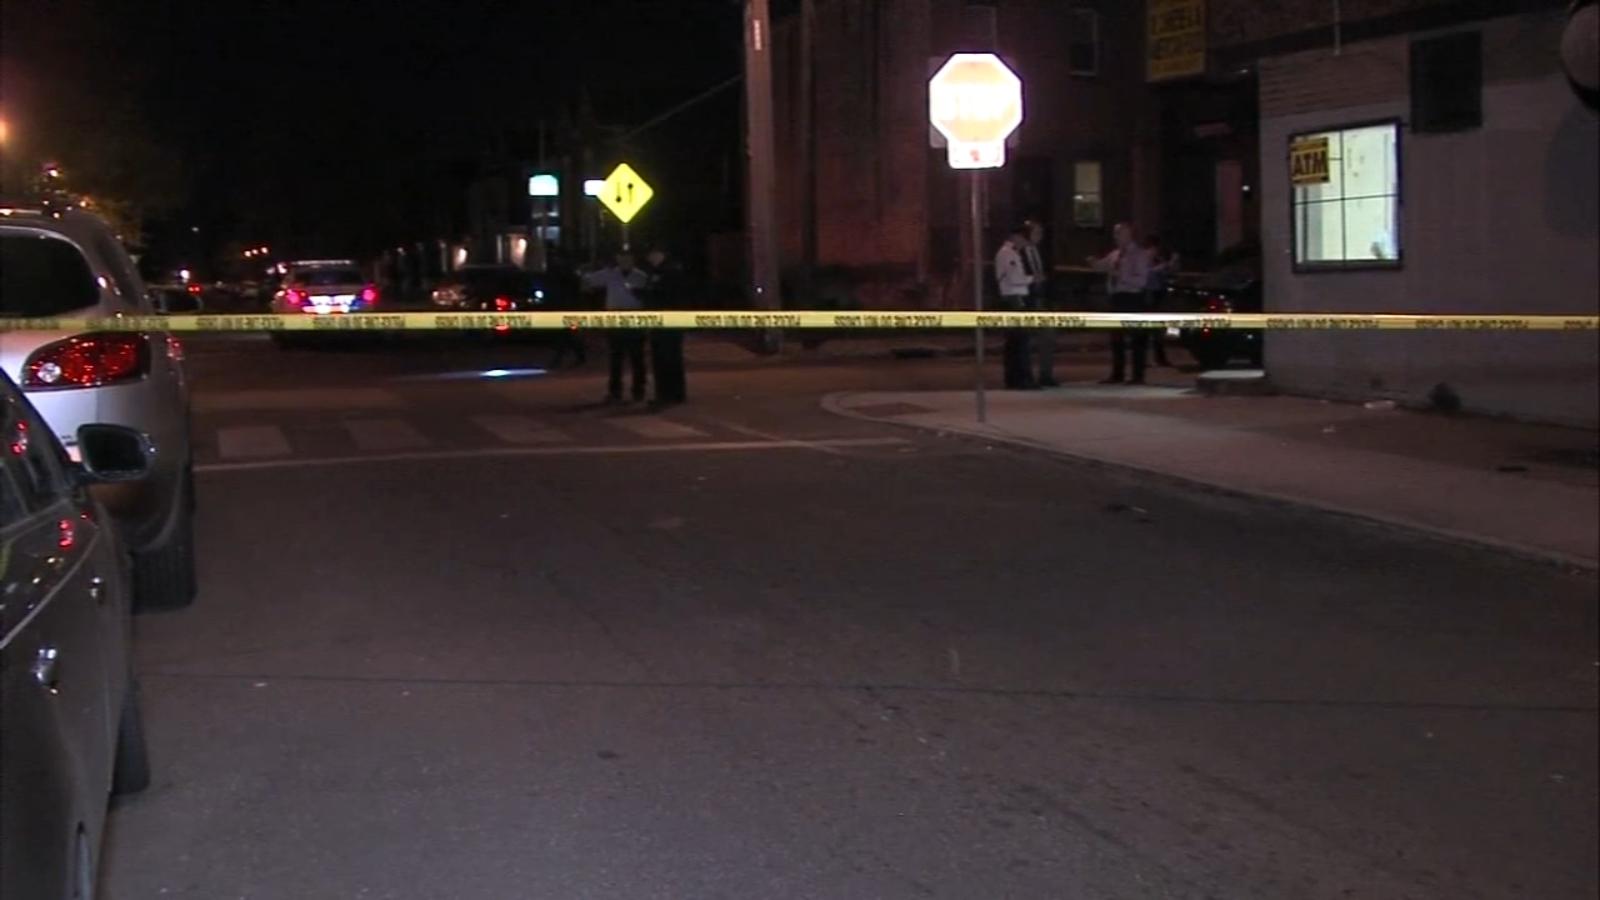 2 killed, 4 injured in Easter night shootings in Philadelphia